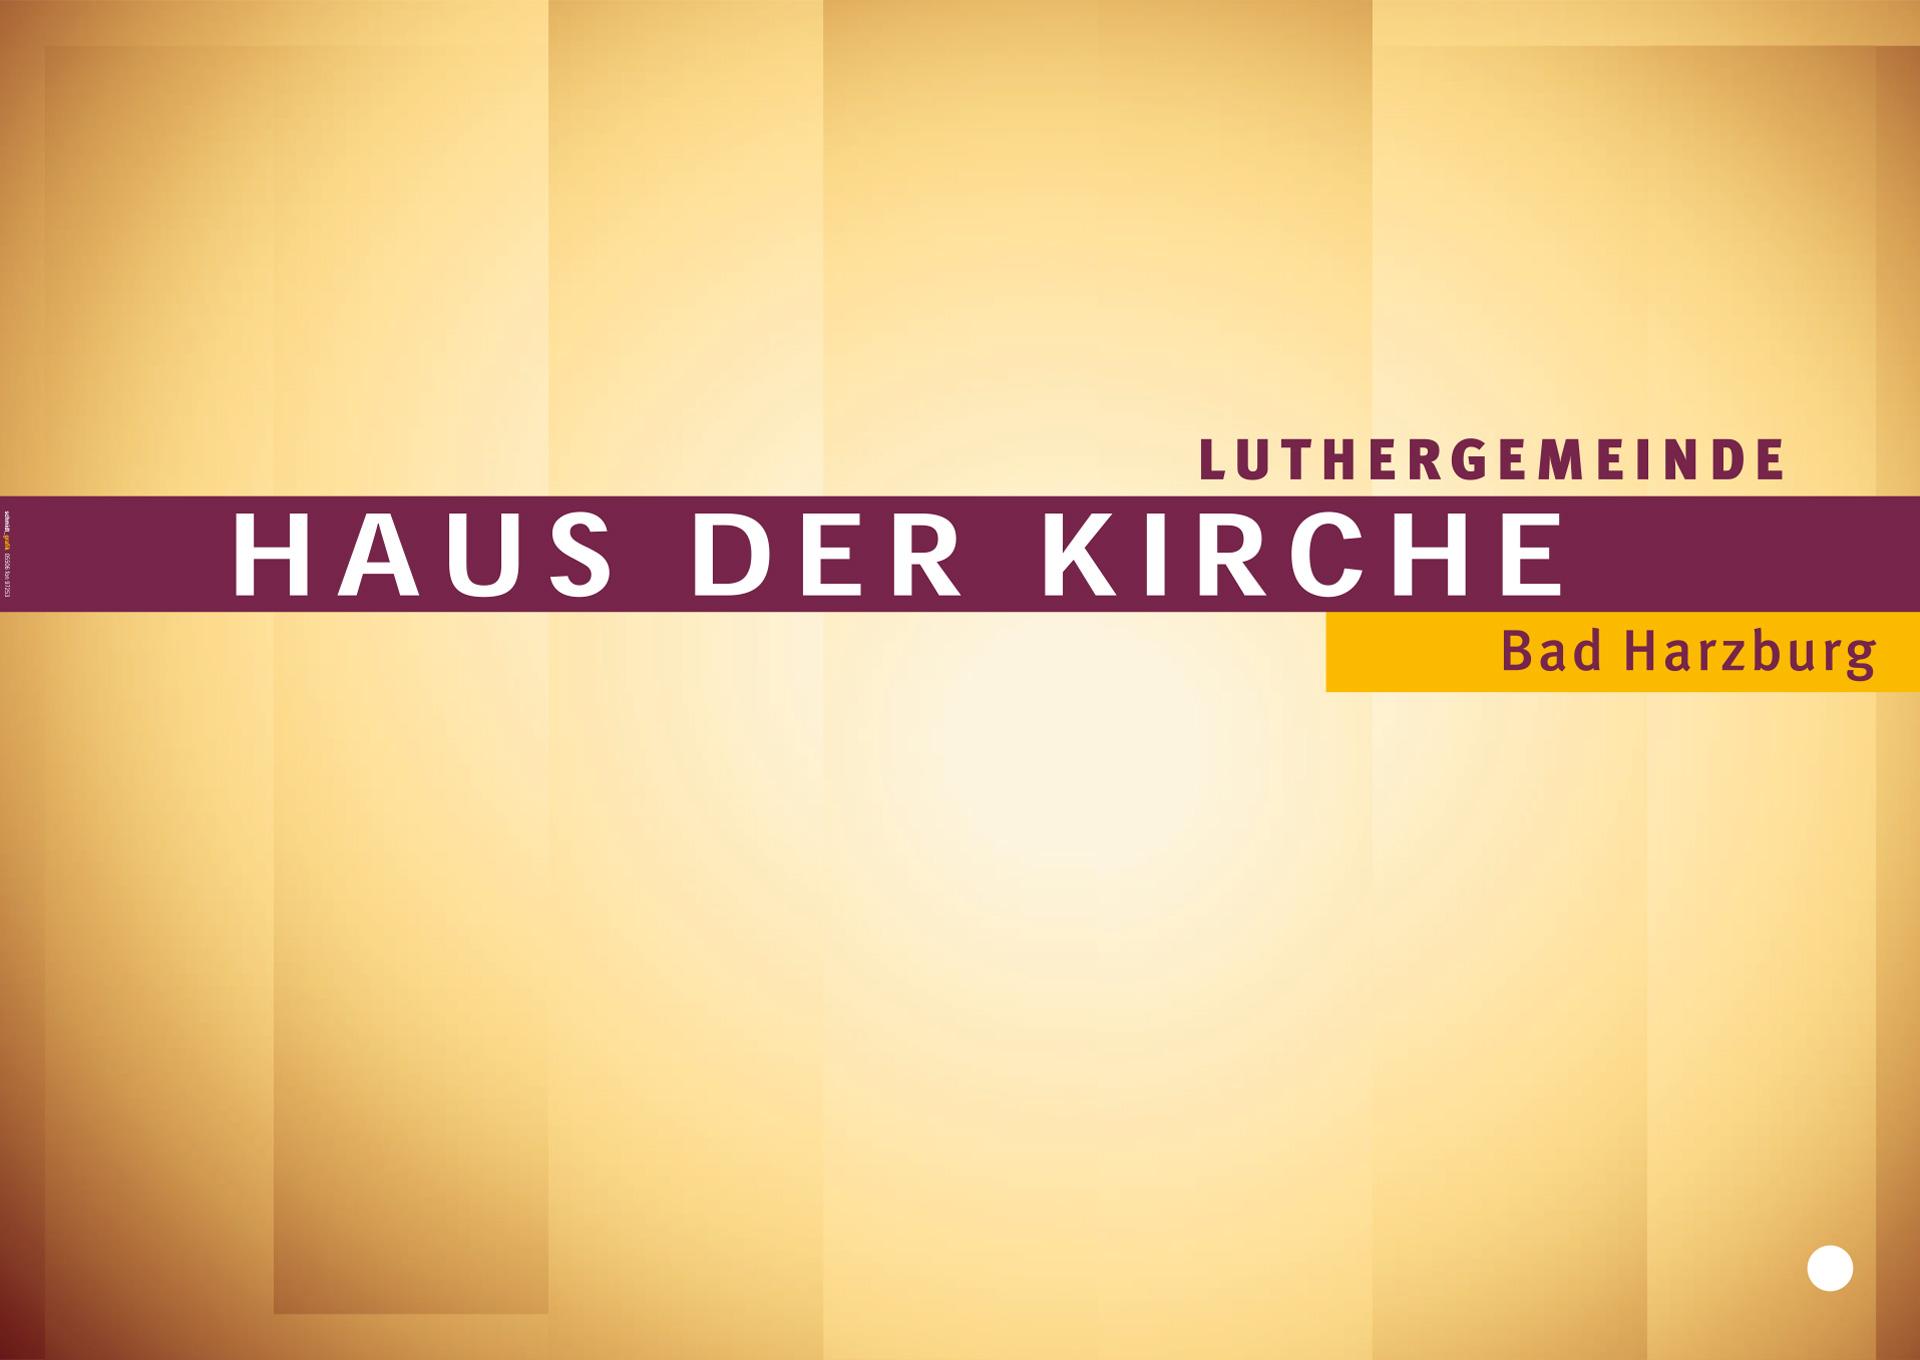 »Haus der Kirche« Bad Harzburg, Veranstaltungsplakat, Vordruck